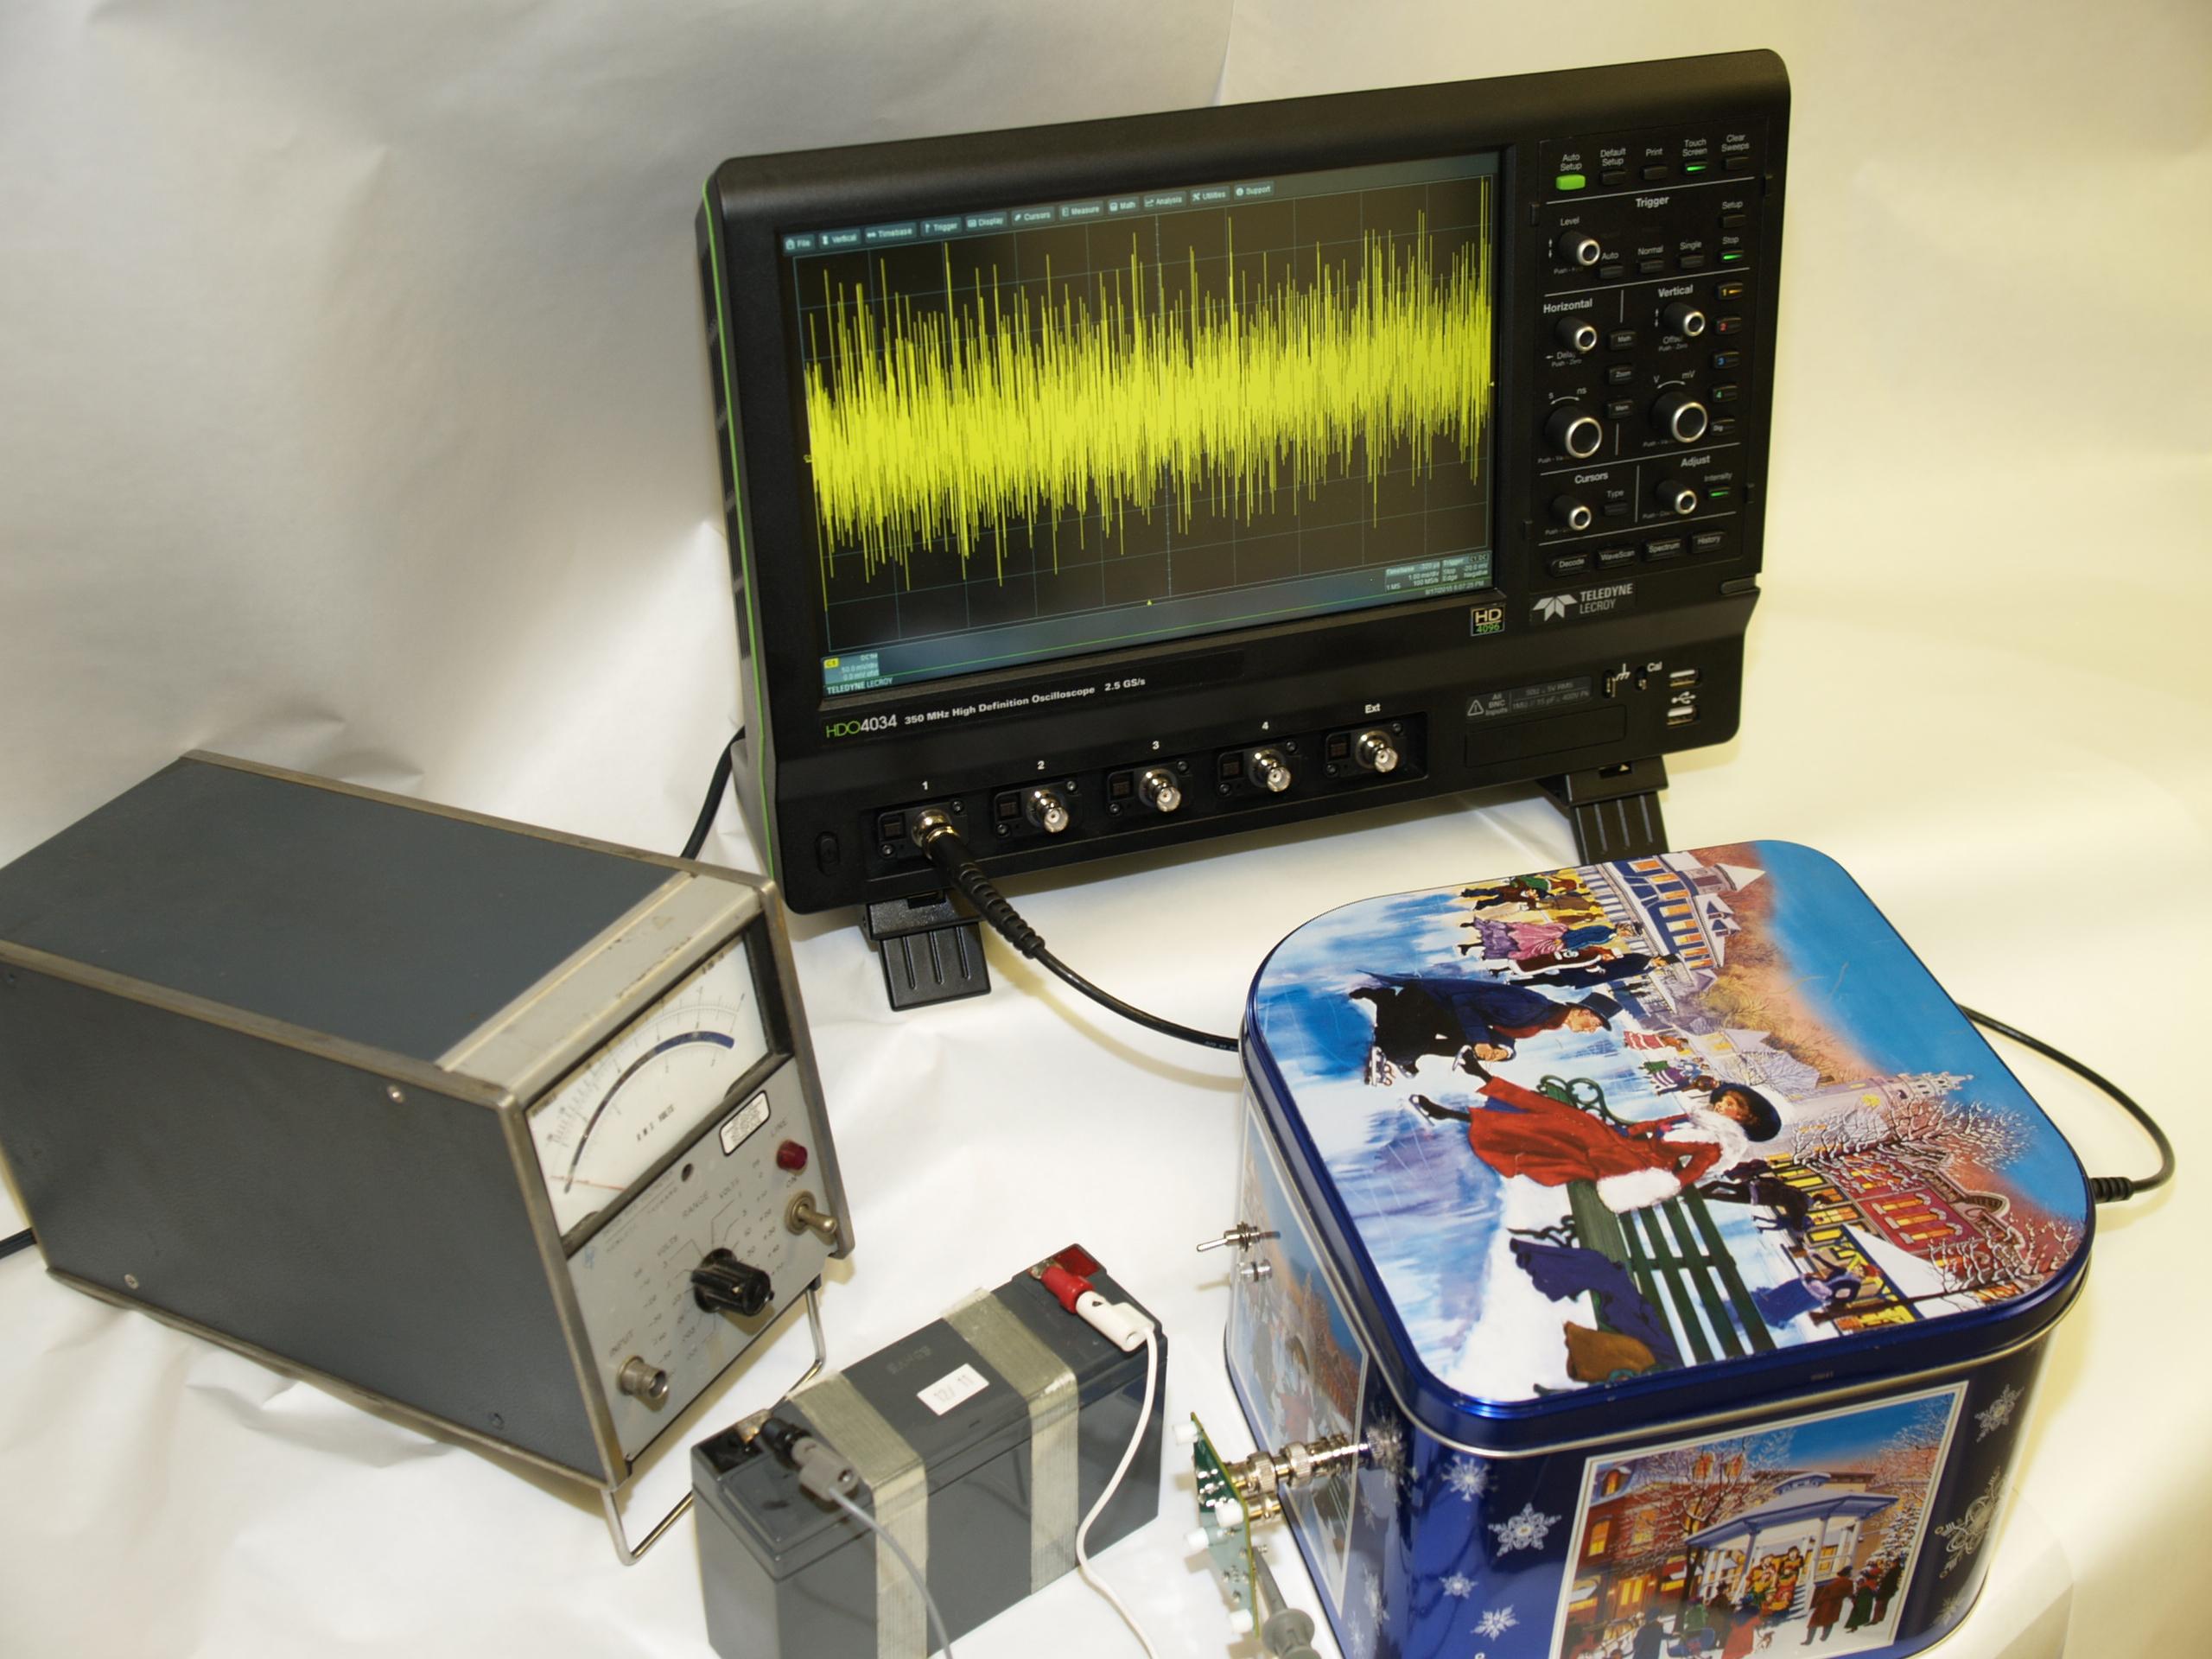 Figura 9. Configurazione del banco di misura del rumore. Il contenitore schermato ospita l'amplificatore di rumore; la bassa impedenza di uscita del regolatore lineare elimina la necessità di schermatura ma i campi magnetici possono ancora influire sull'uscita.